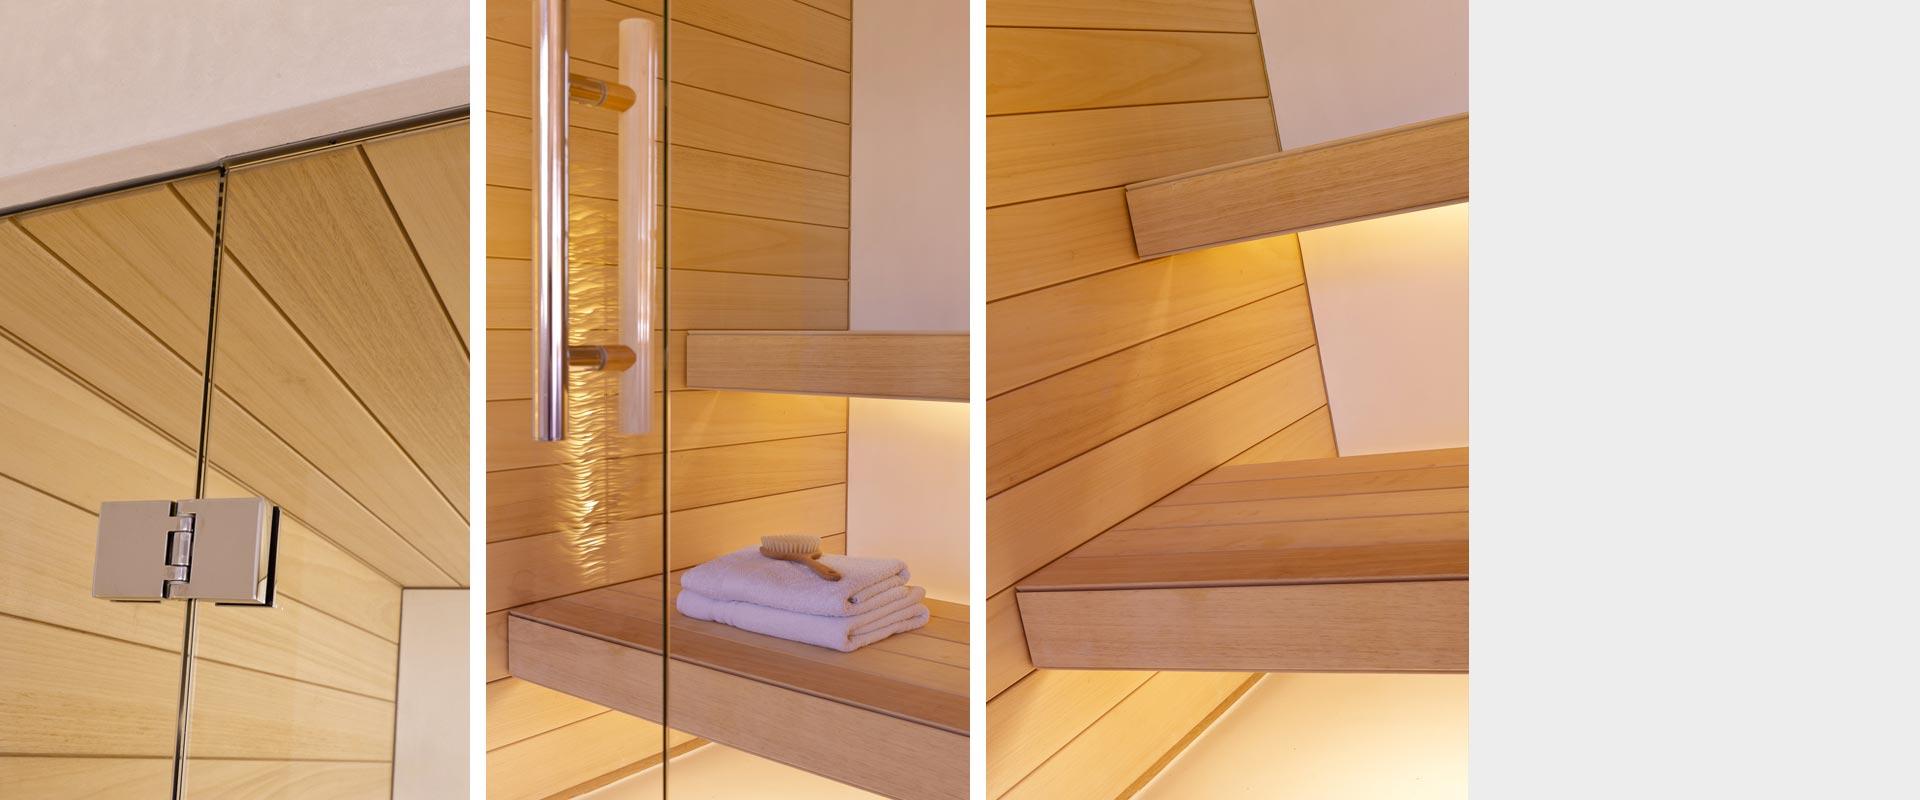 Architekturbüro Henning Musahl Waldshut Sauna Wohnhaus G. in Waldshut